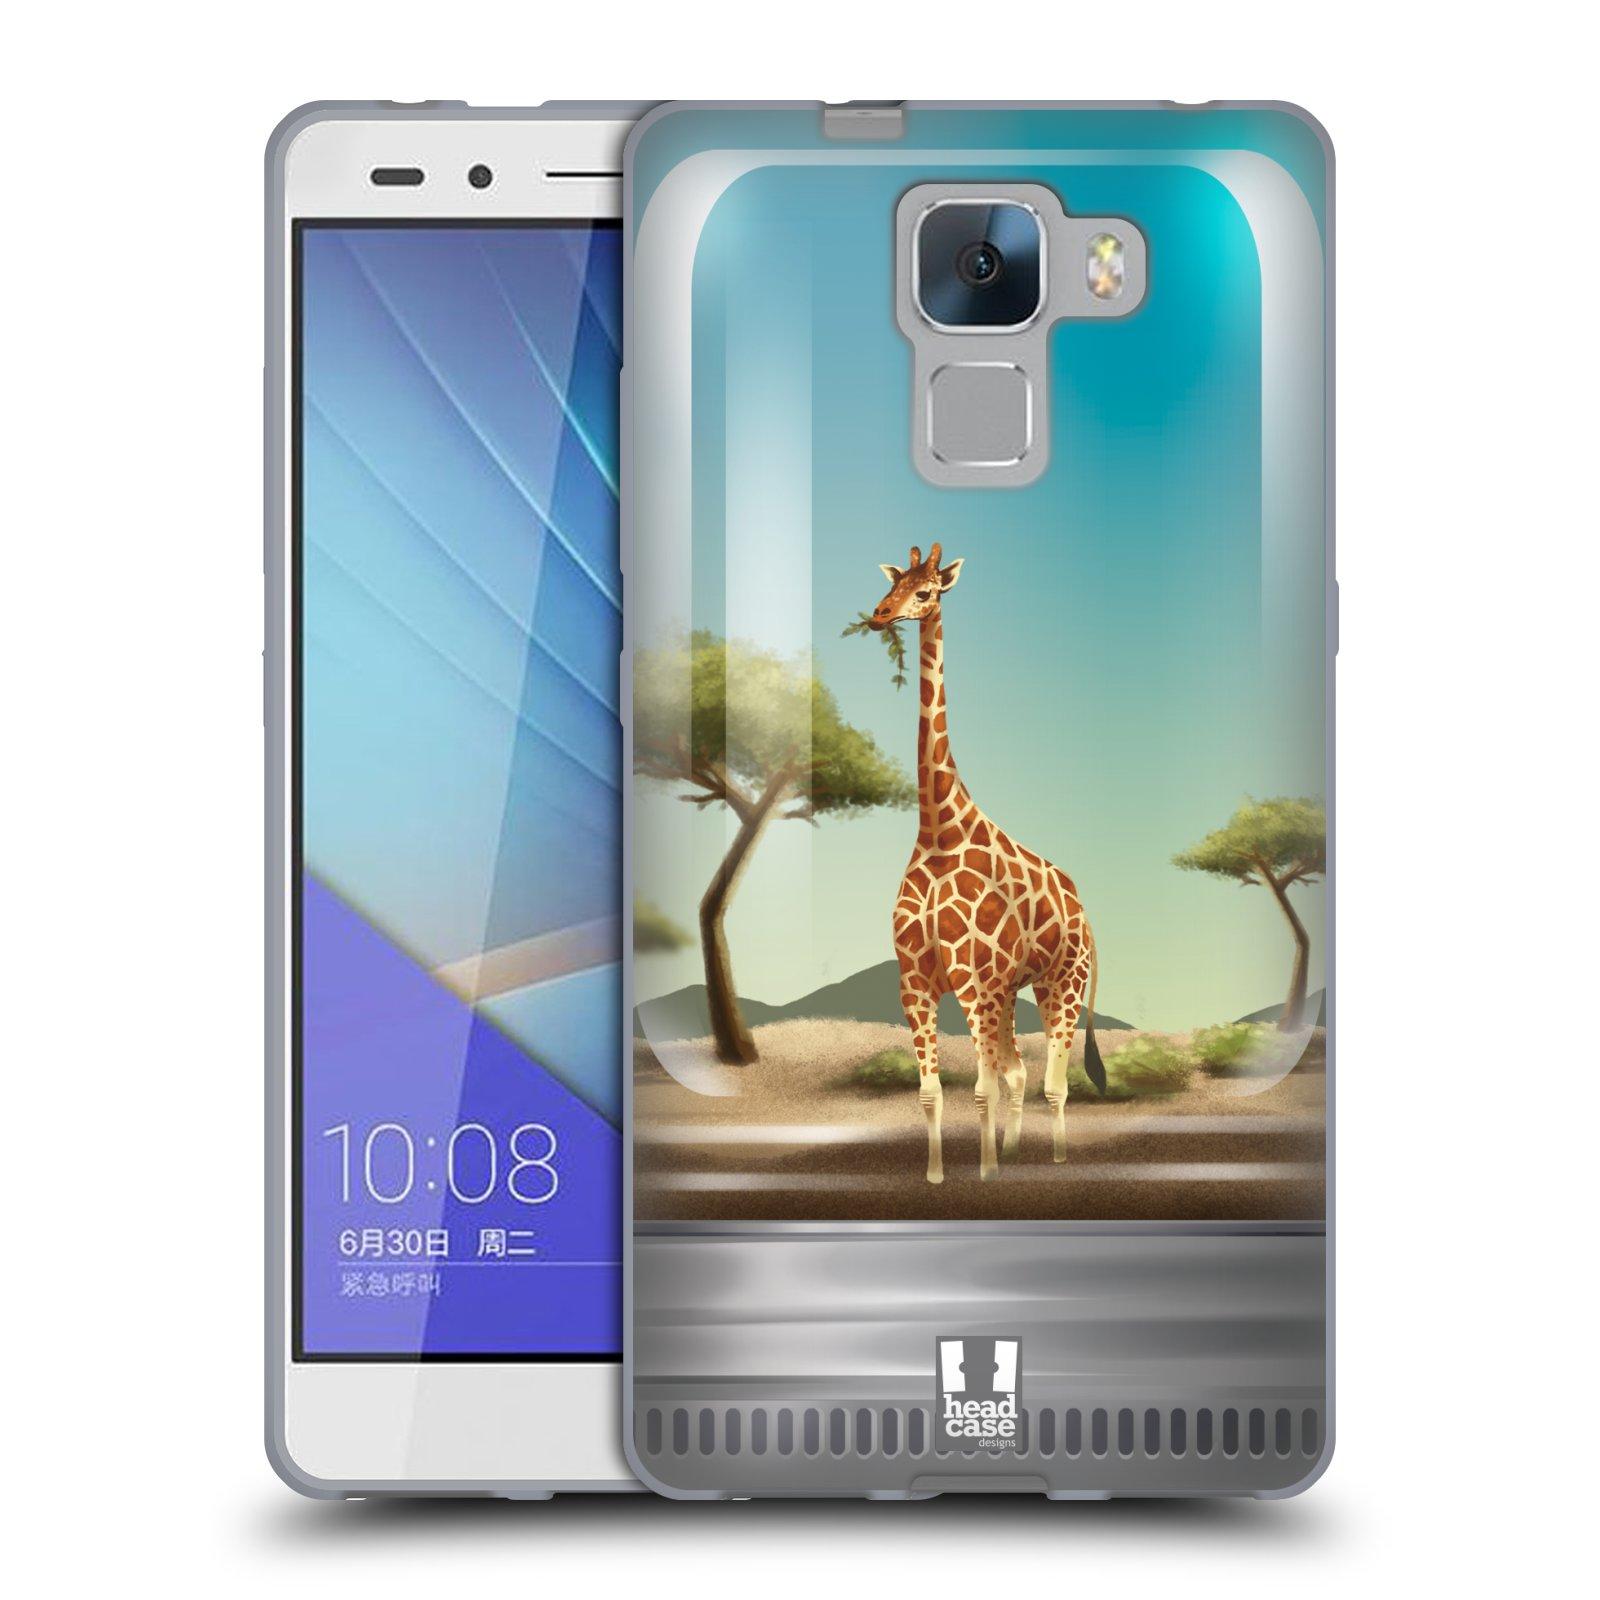 HEAD CASE silikonový obal na mobil HUAWEI HONOR 7 vzor Zvířátka v těžítku žirafa